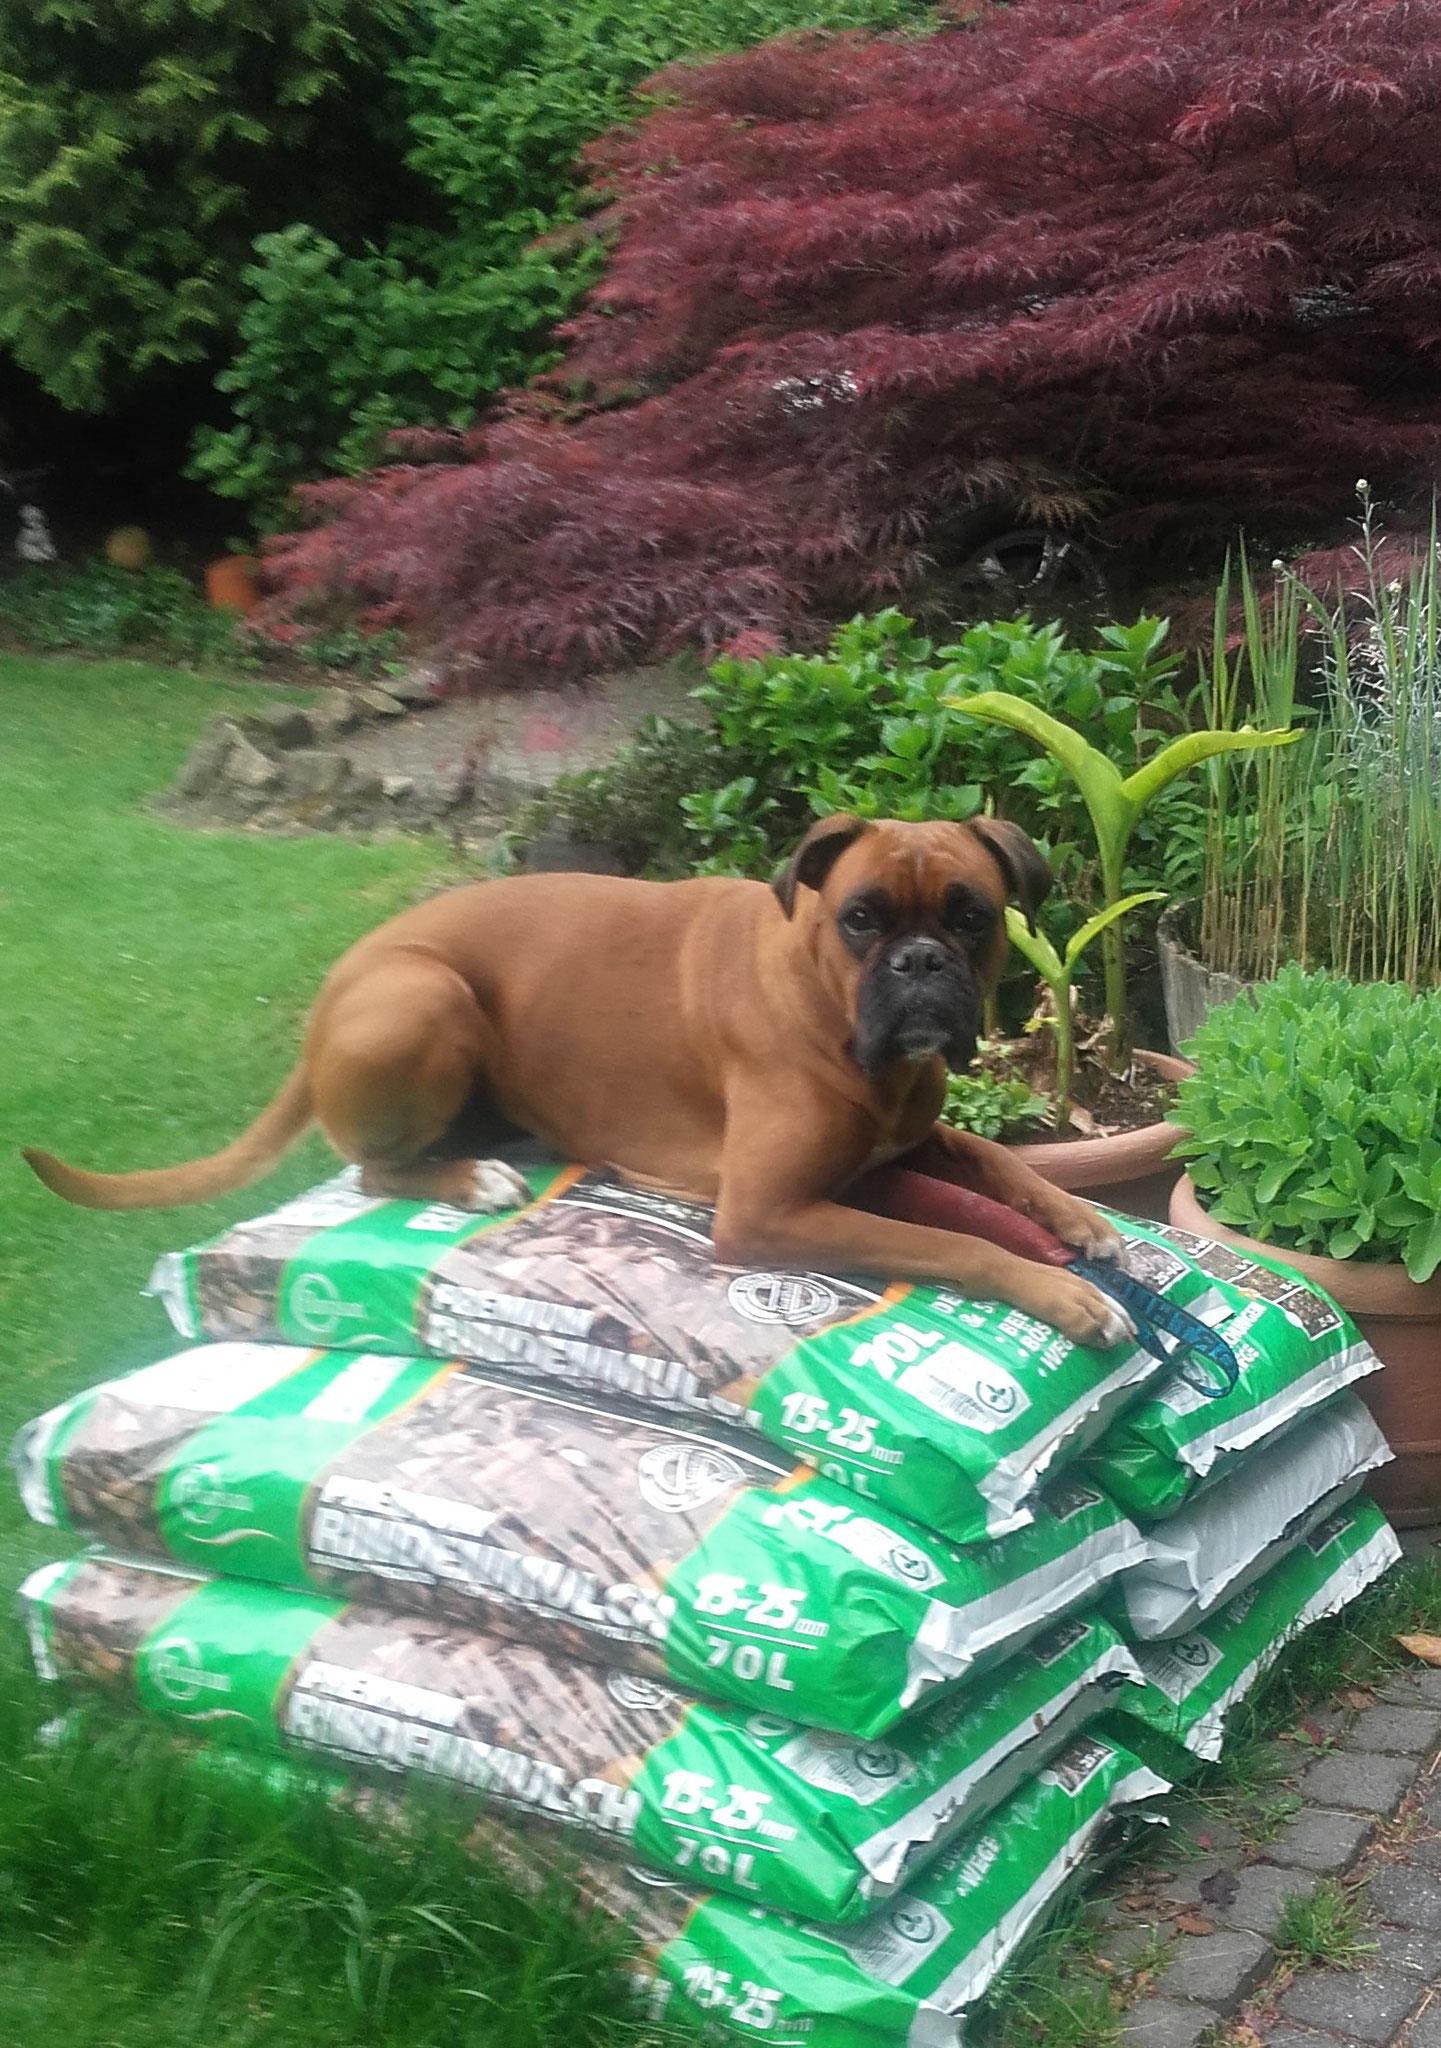 ...da kann man gut bei der Gartenarbeit zuschauen :)